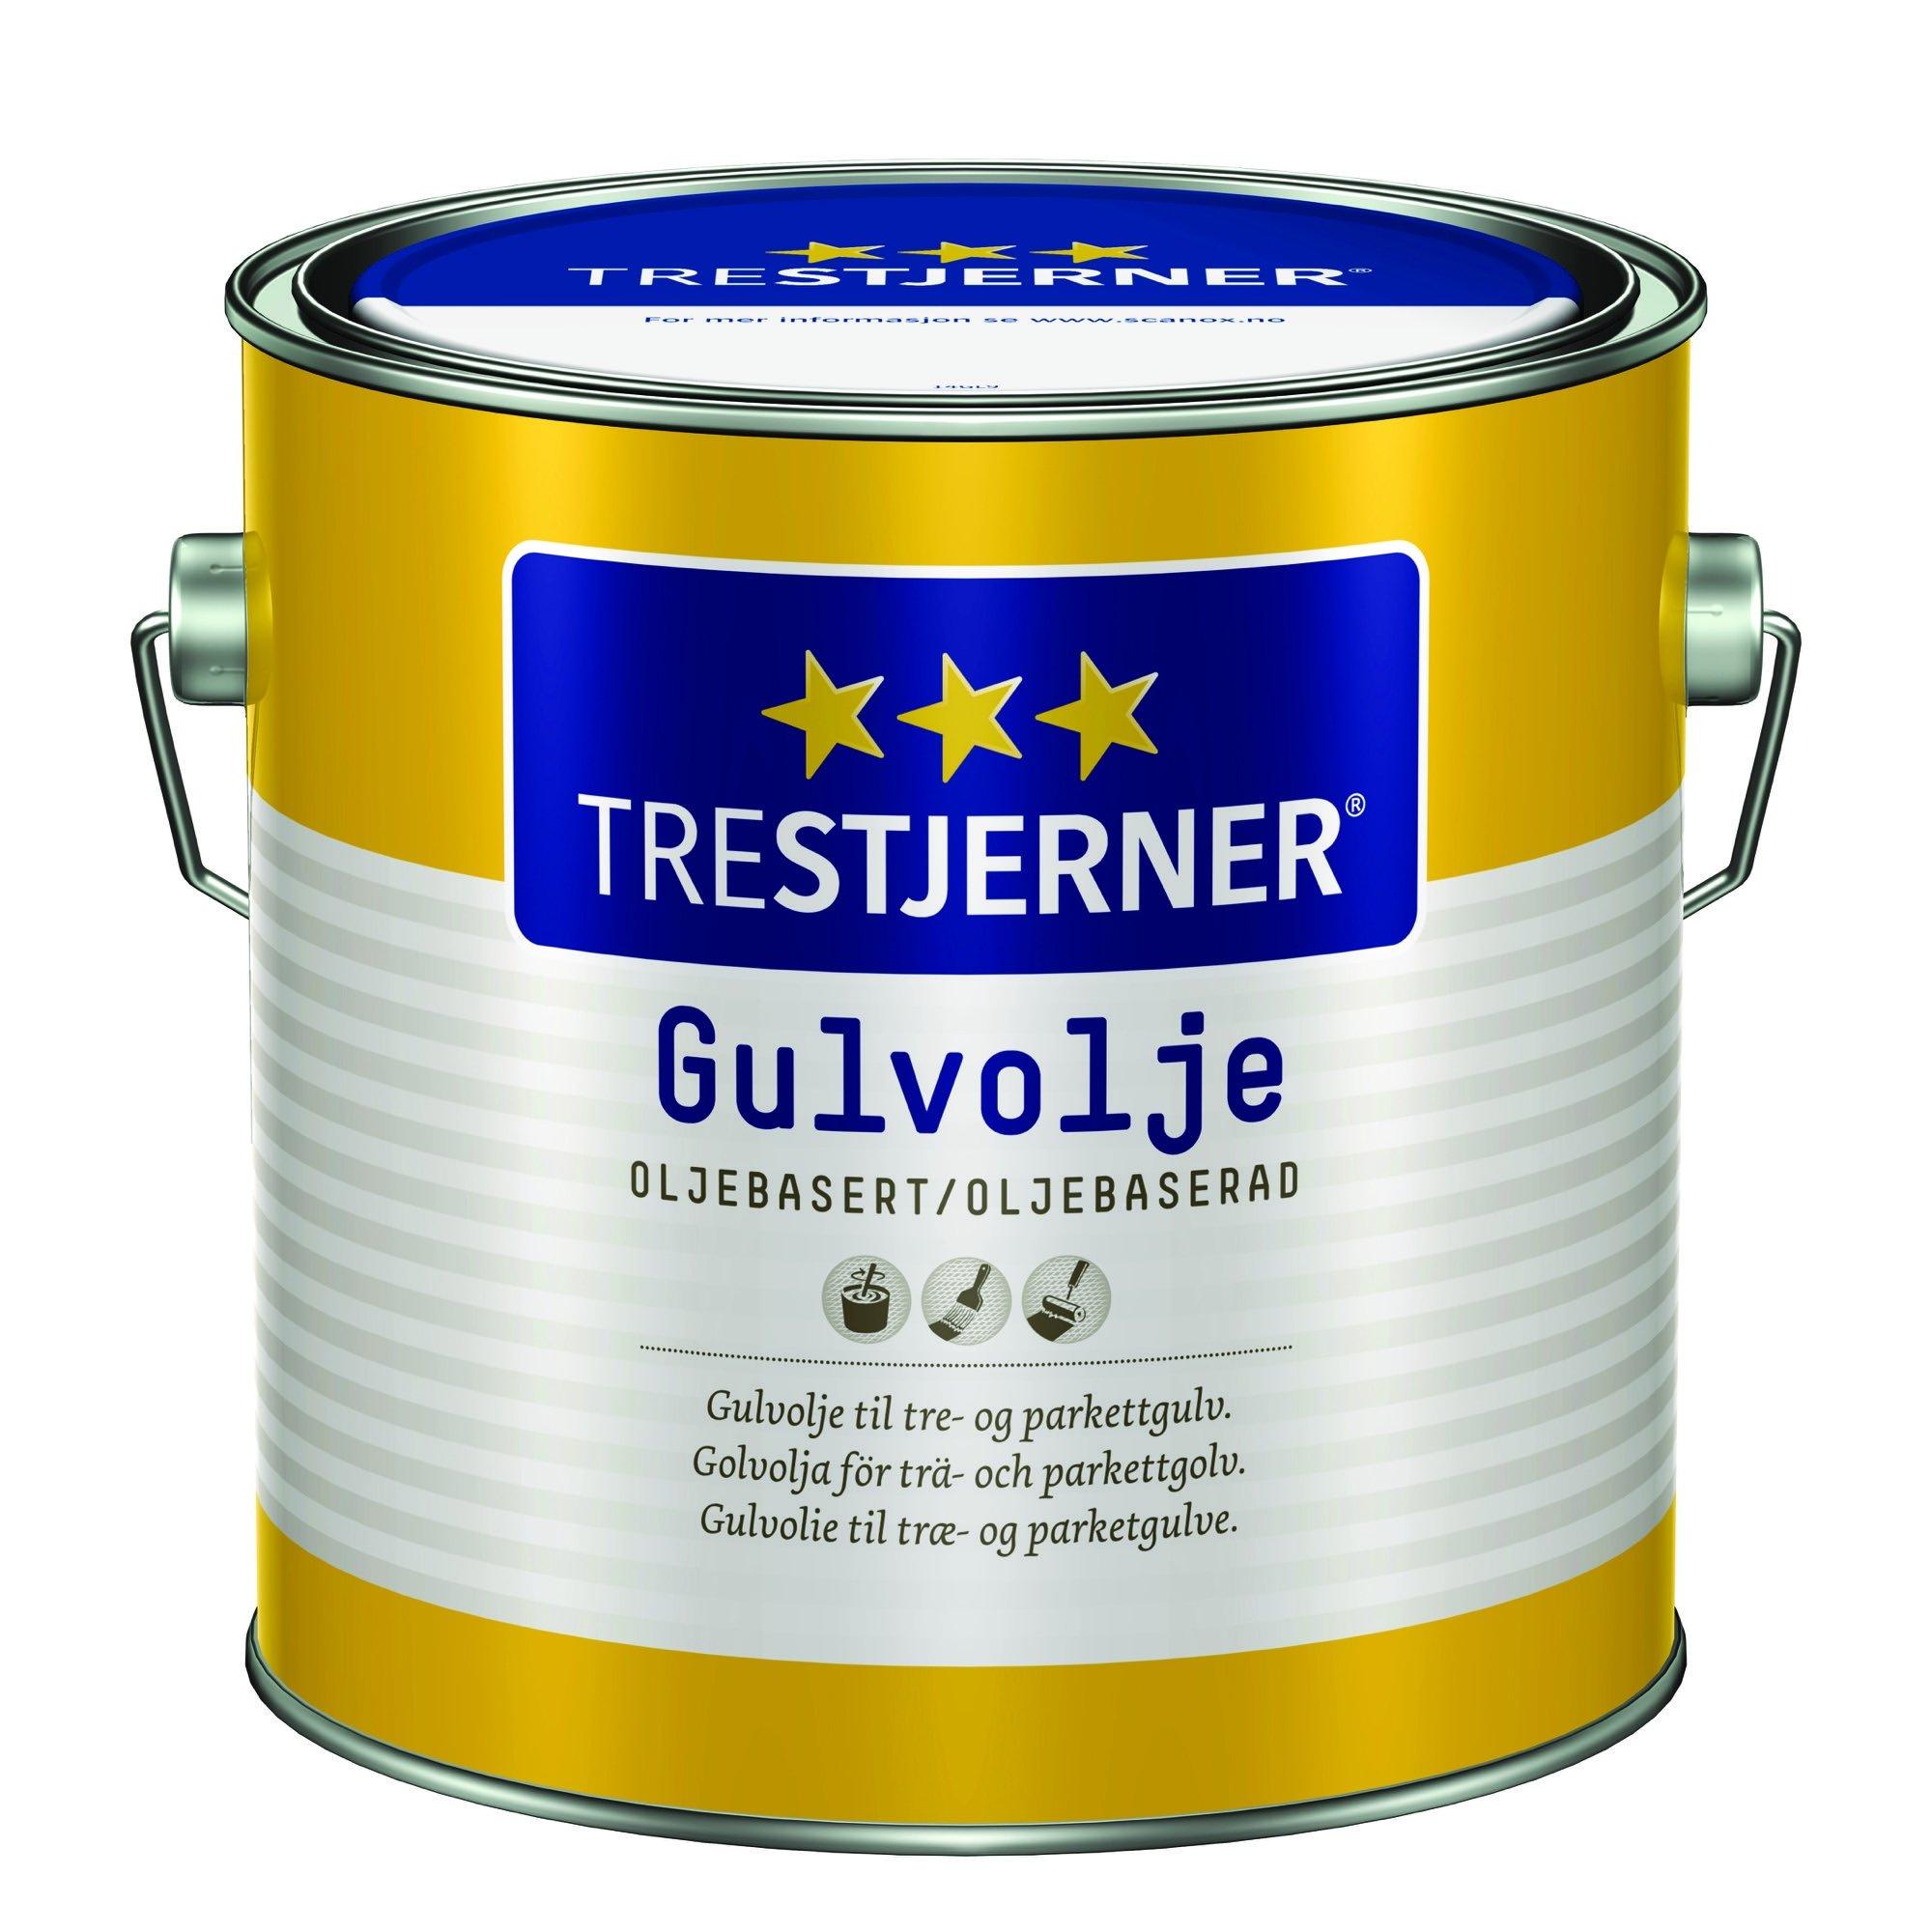 Trestjerner Gulvolie-0,75 L